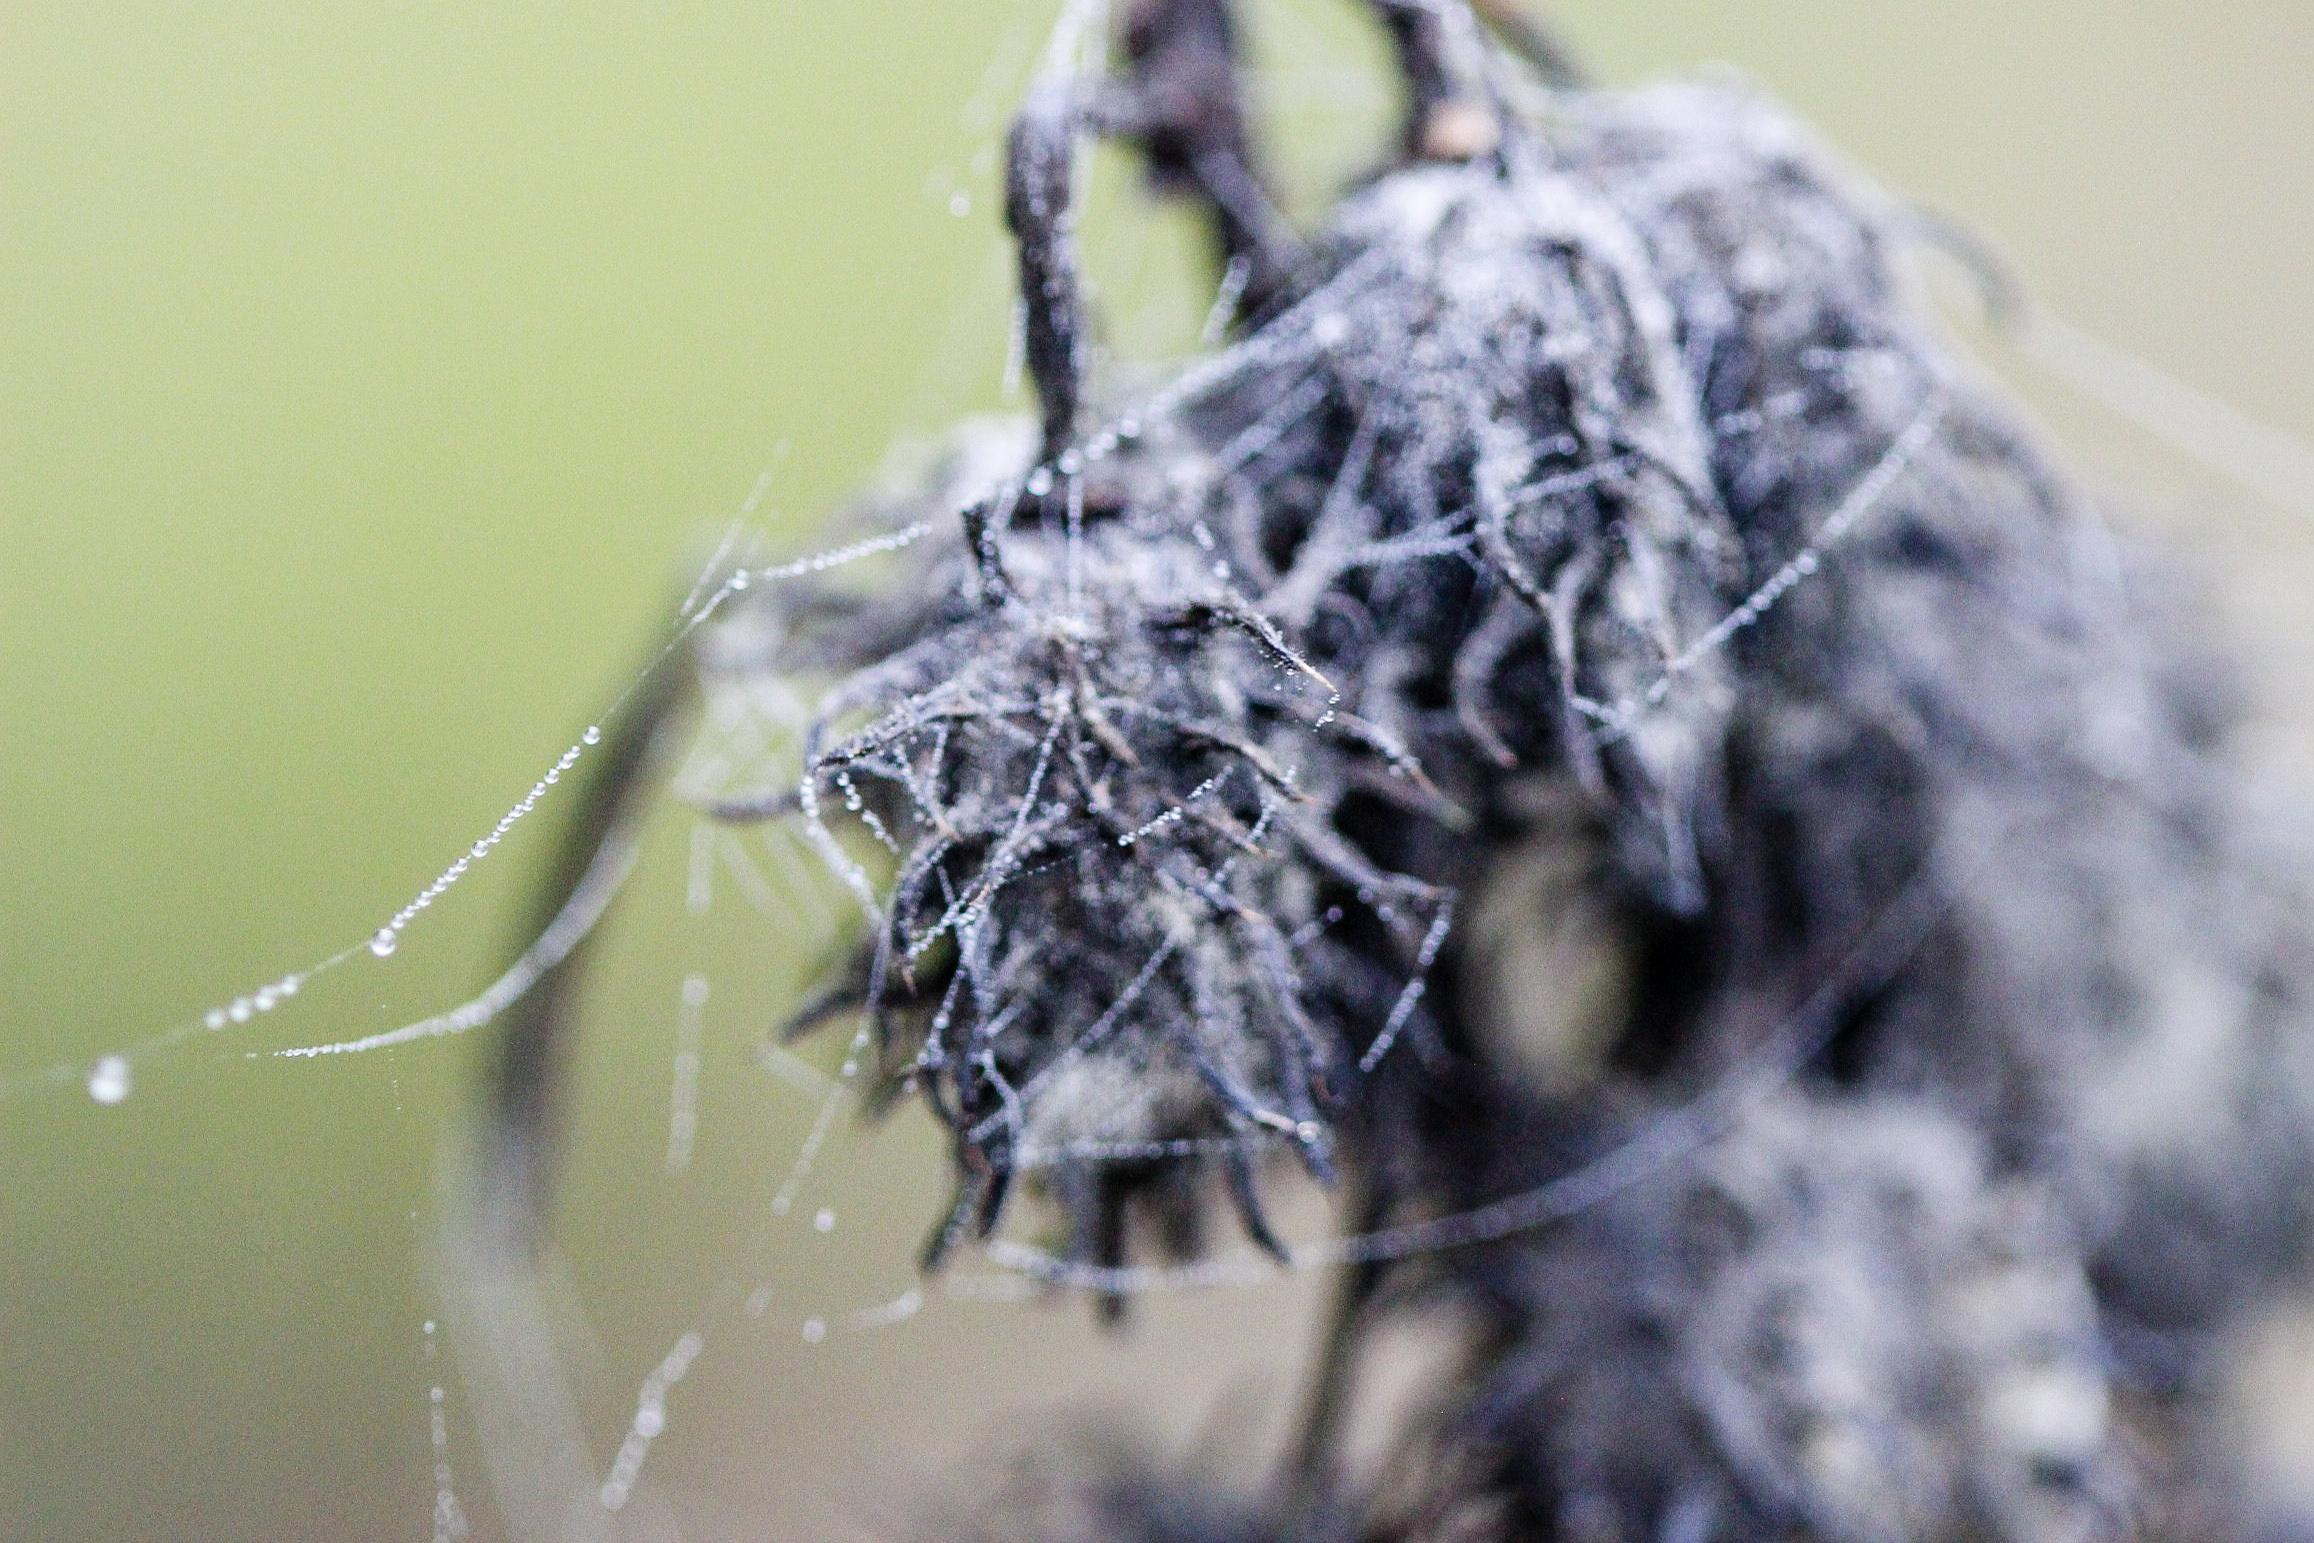 Castor Bean Plant seed head